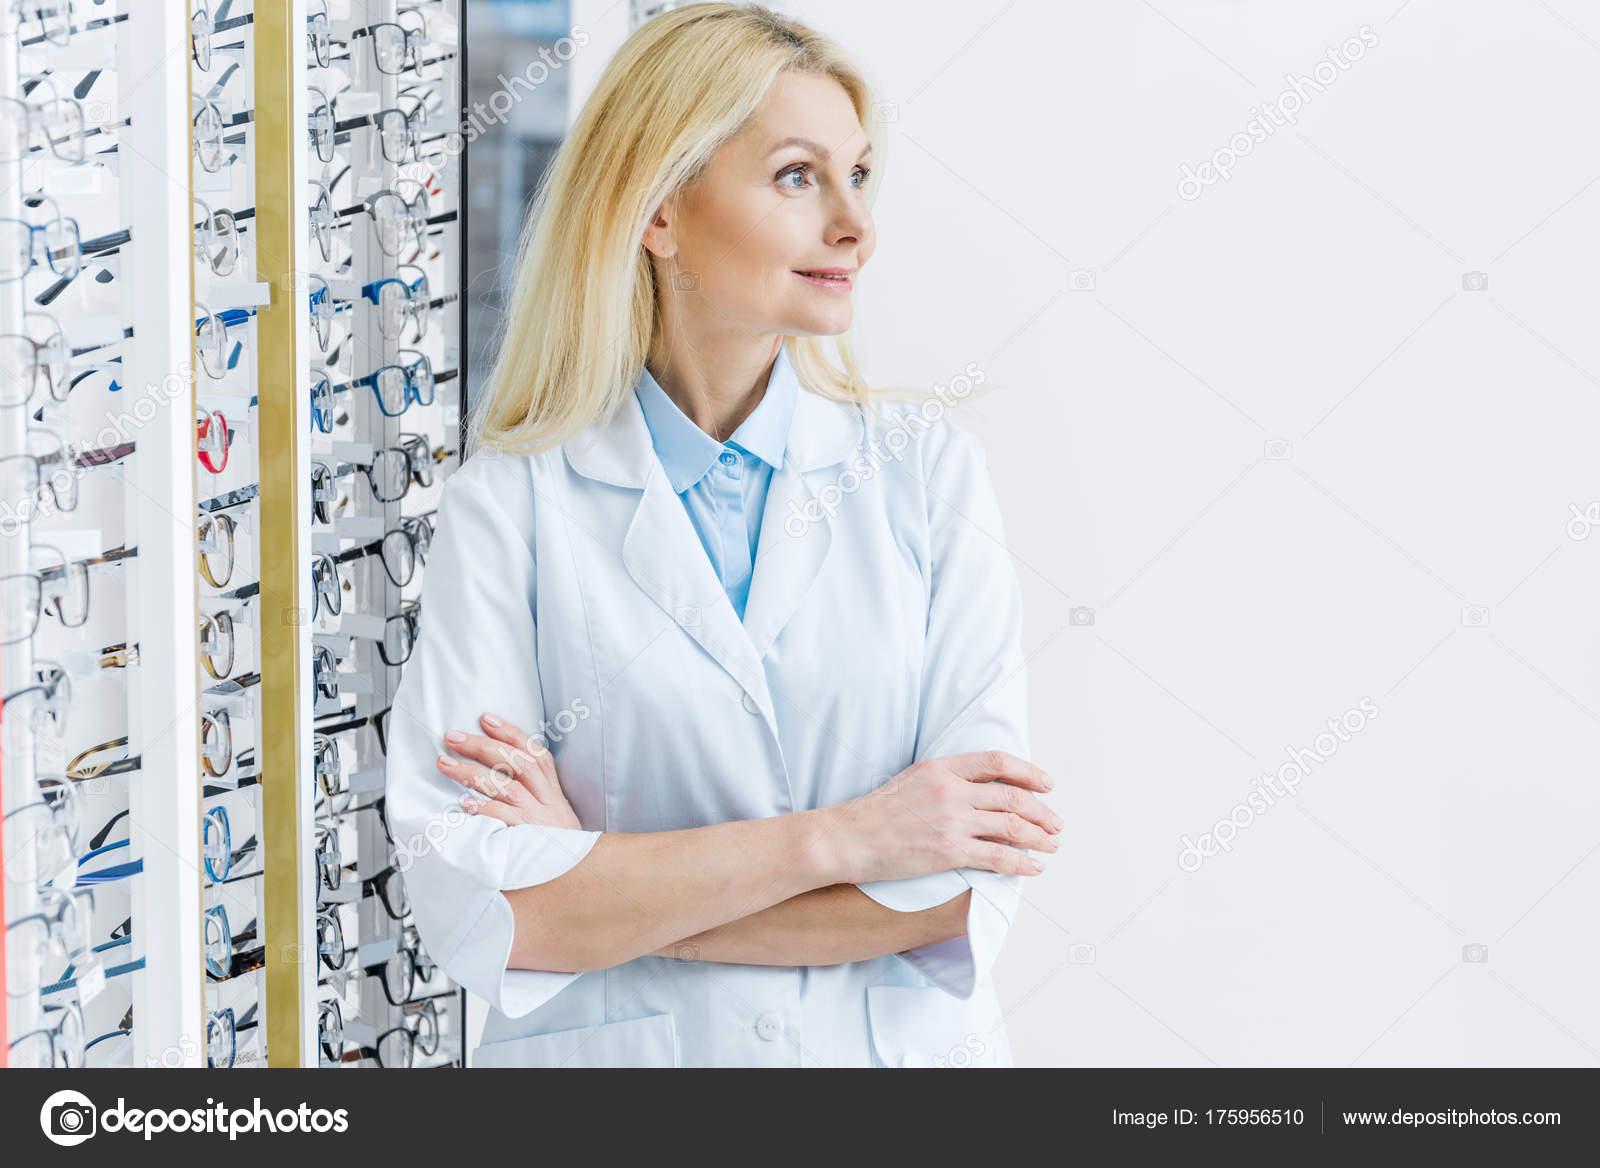 ami látást jelent 20-30 károsíthatják-e az idegek a látást